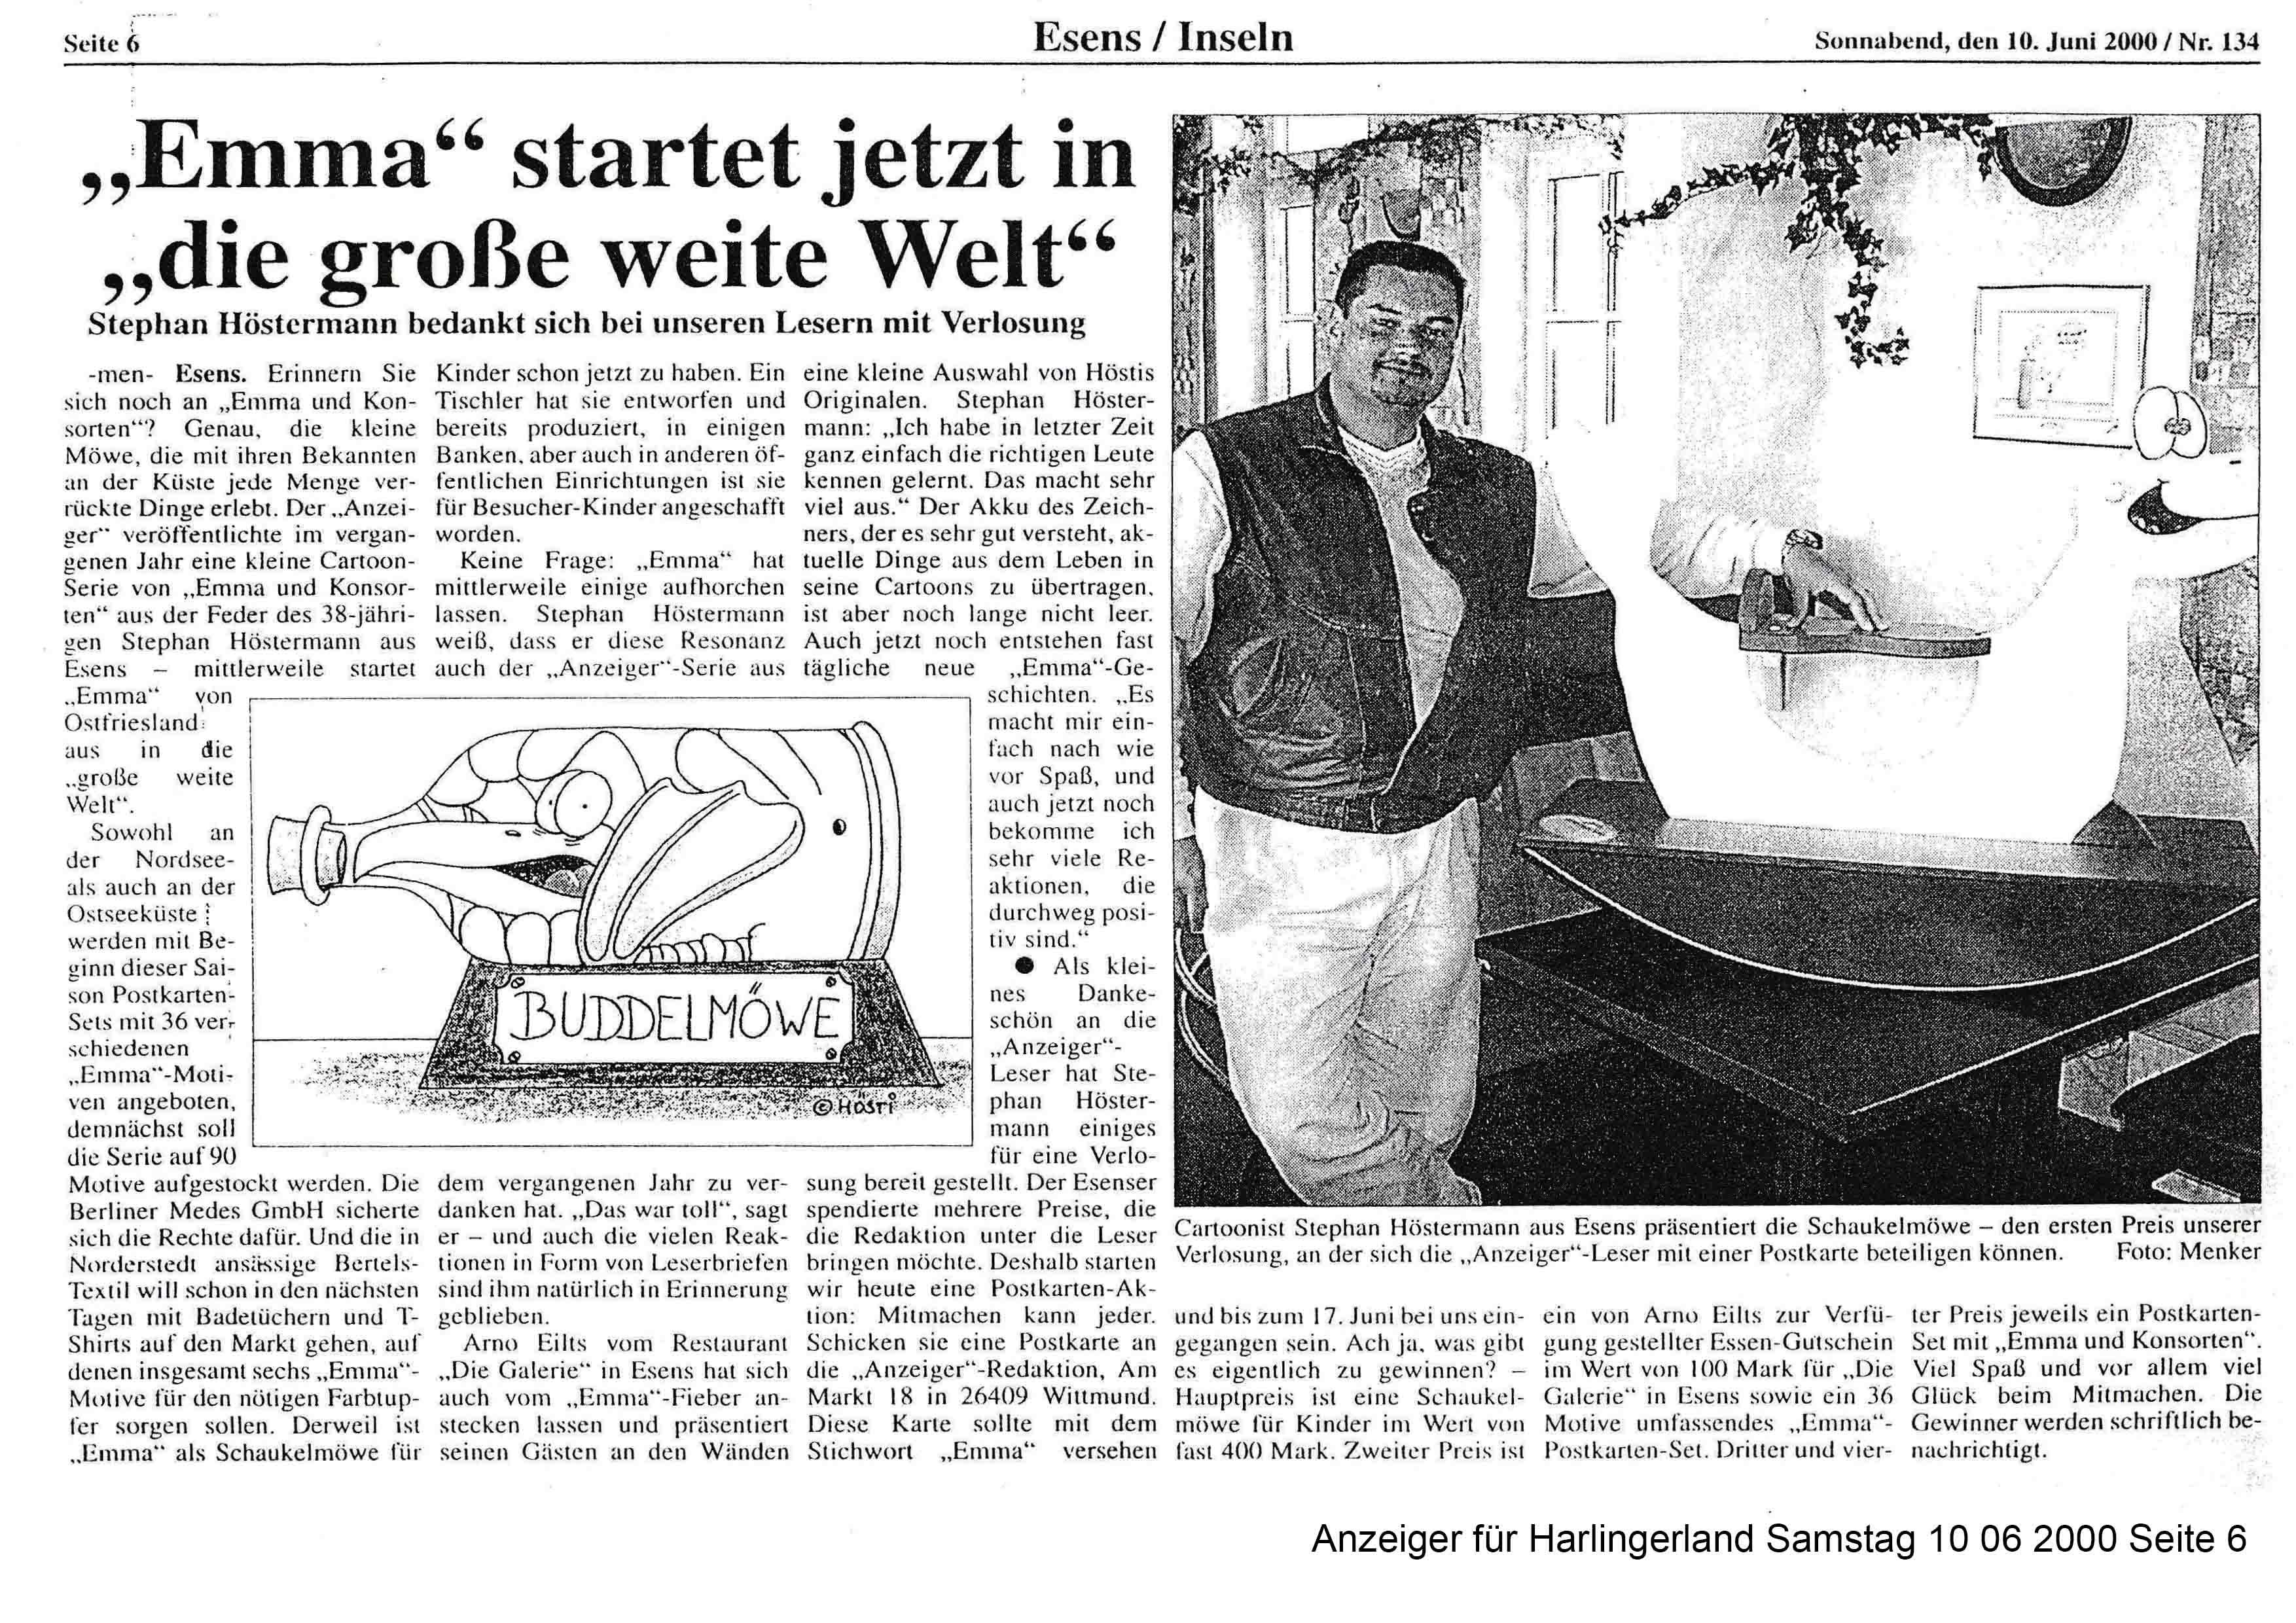 Anzeiger für Harlingerland Samstag 10 06 2000 Seite 6